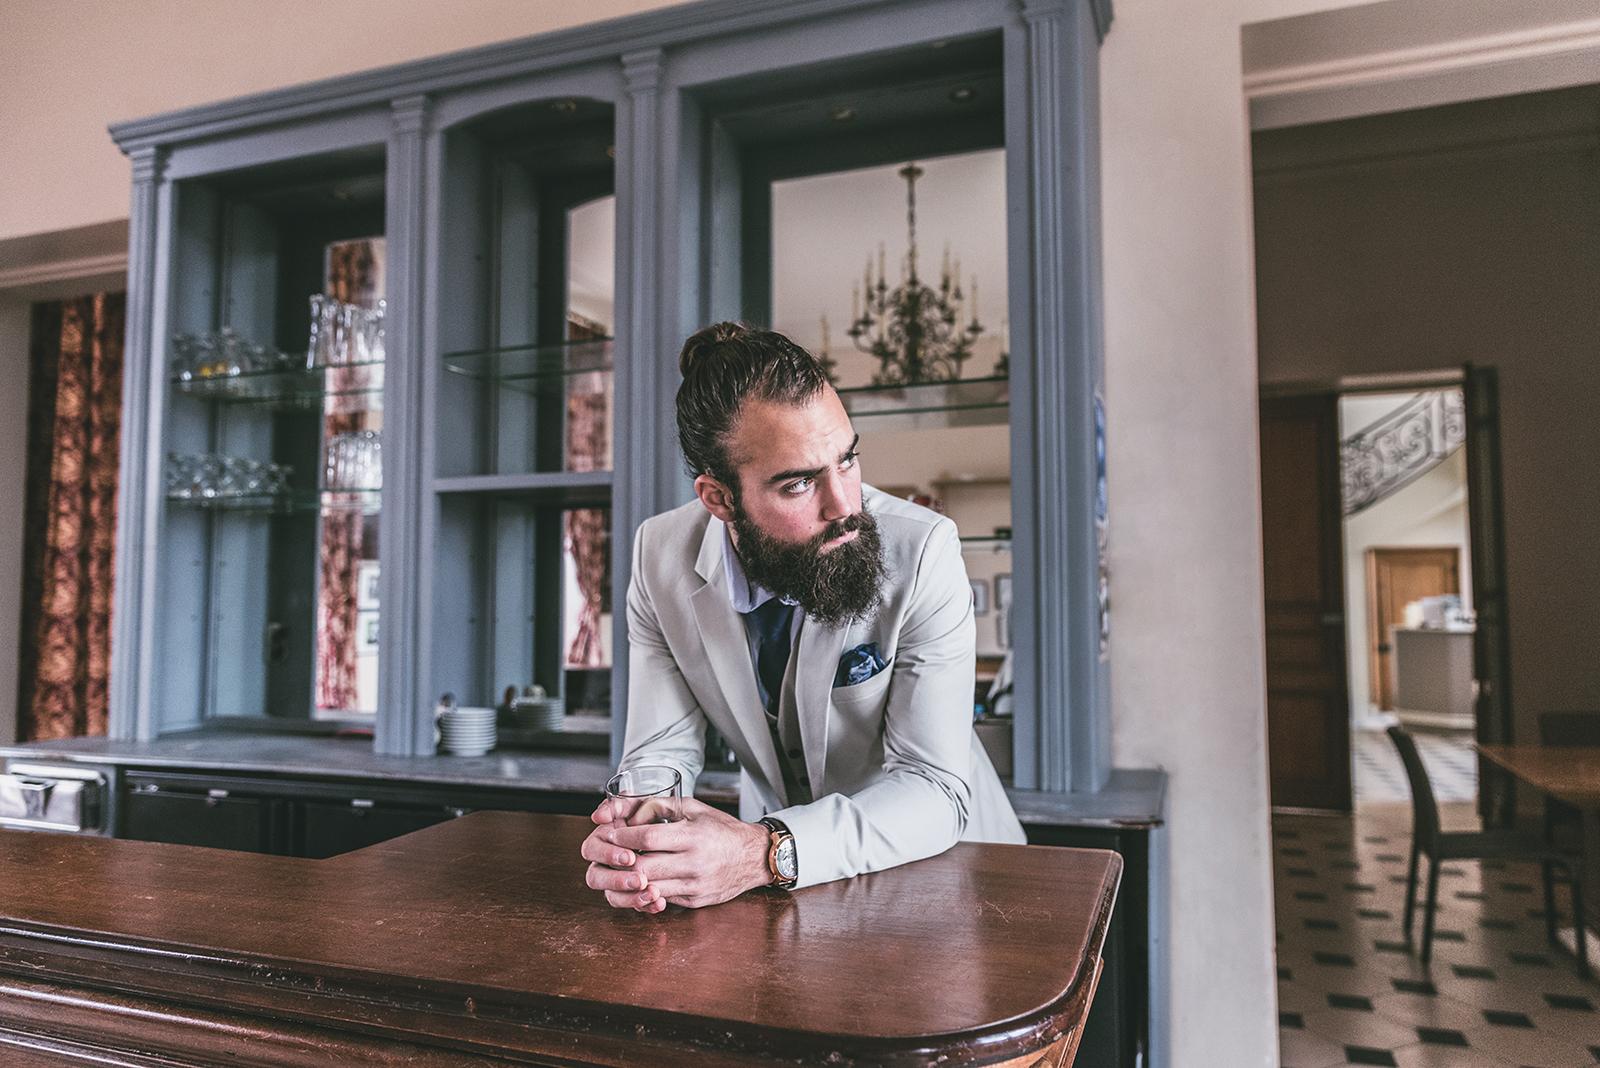 roxane-hennequin-photographe-compiegne-portrait-homme-mode